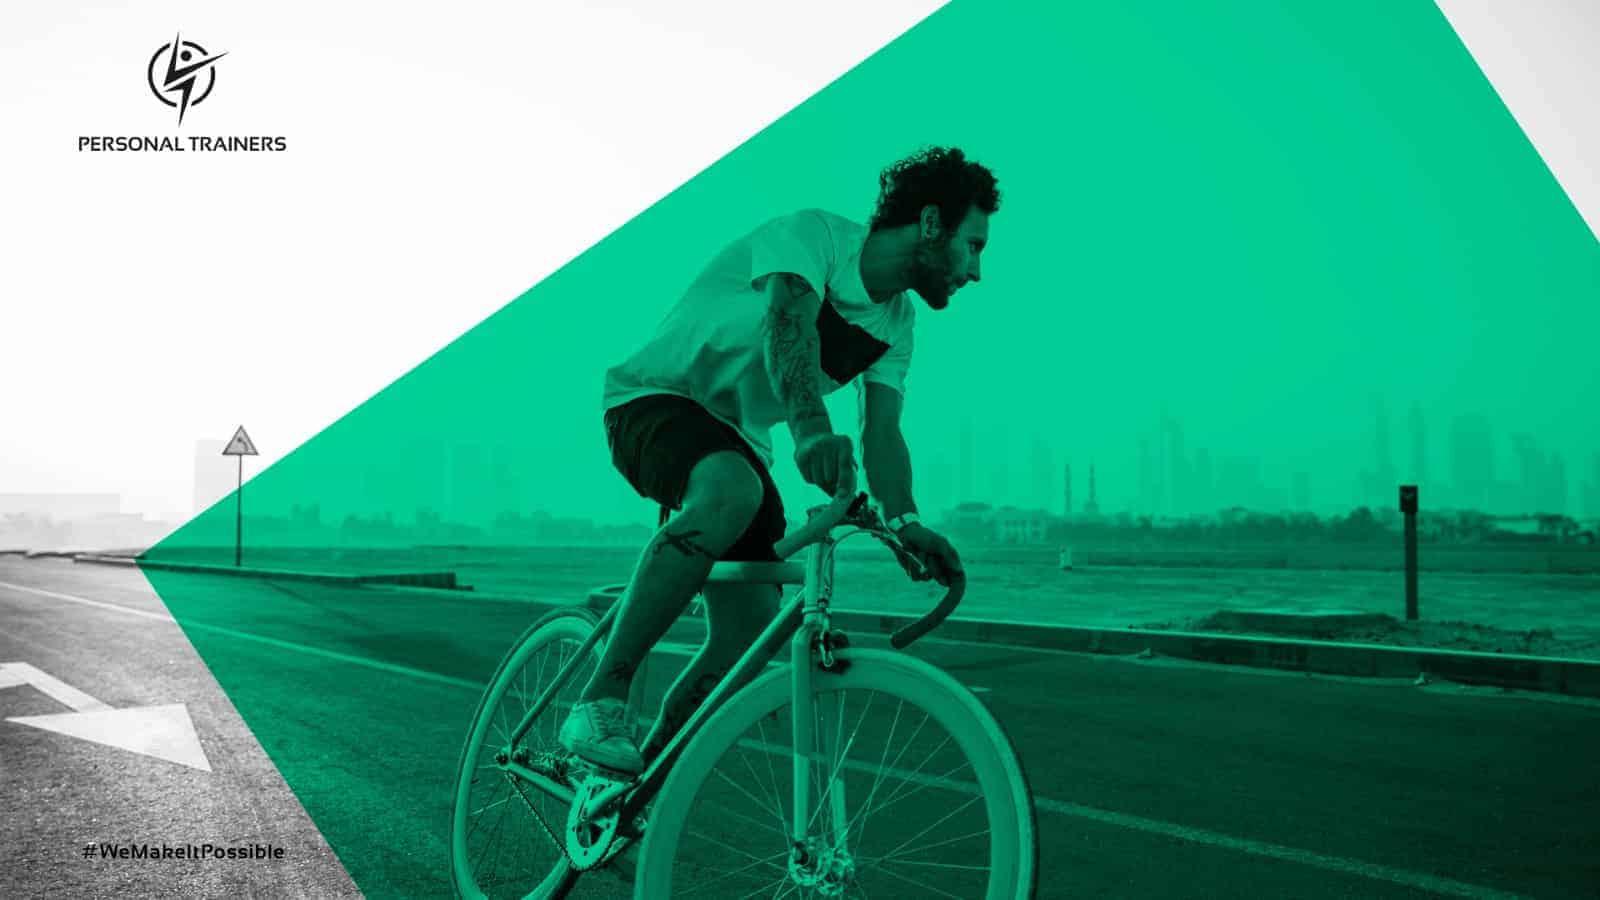 A Velocidade Ciclismo, Saiba Mais - Evolve Fitness Concept